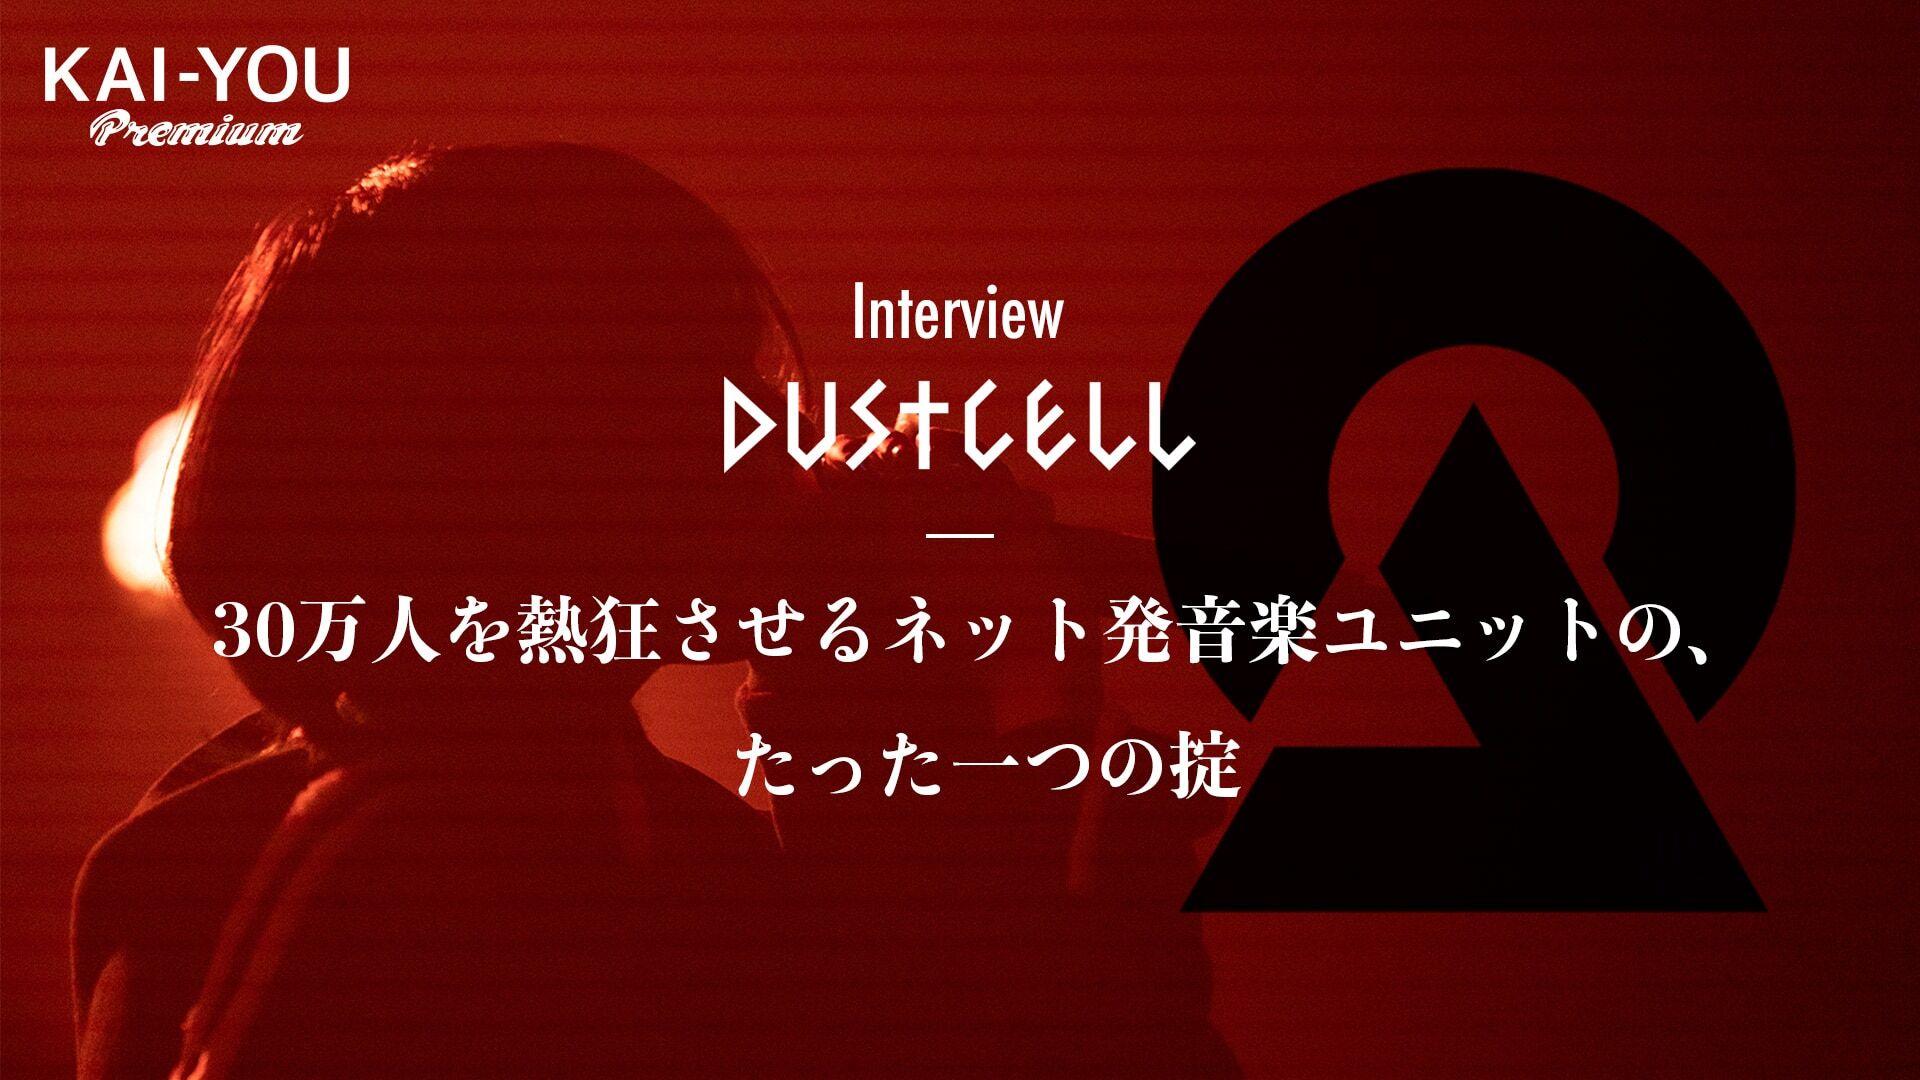 他にない「DUSTCELL」という個性 時代を象徴する2人の、たった一つの掟